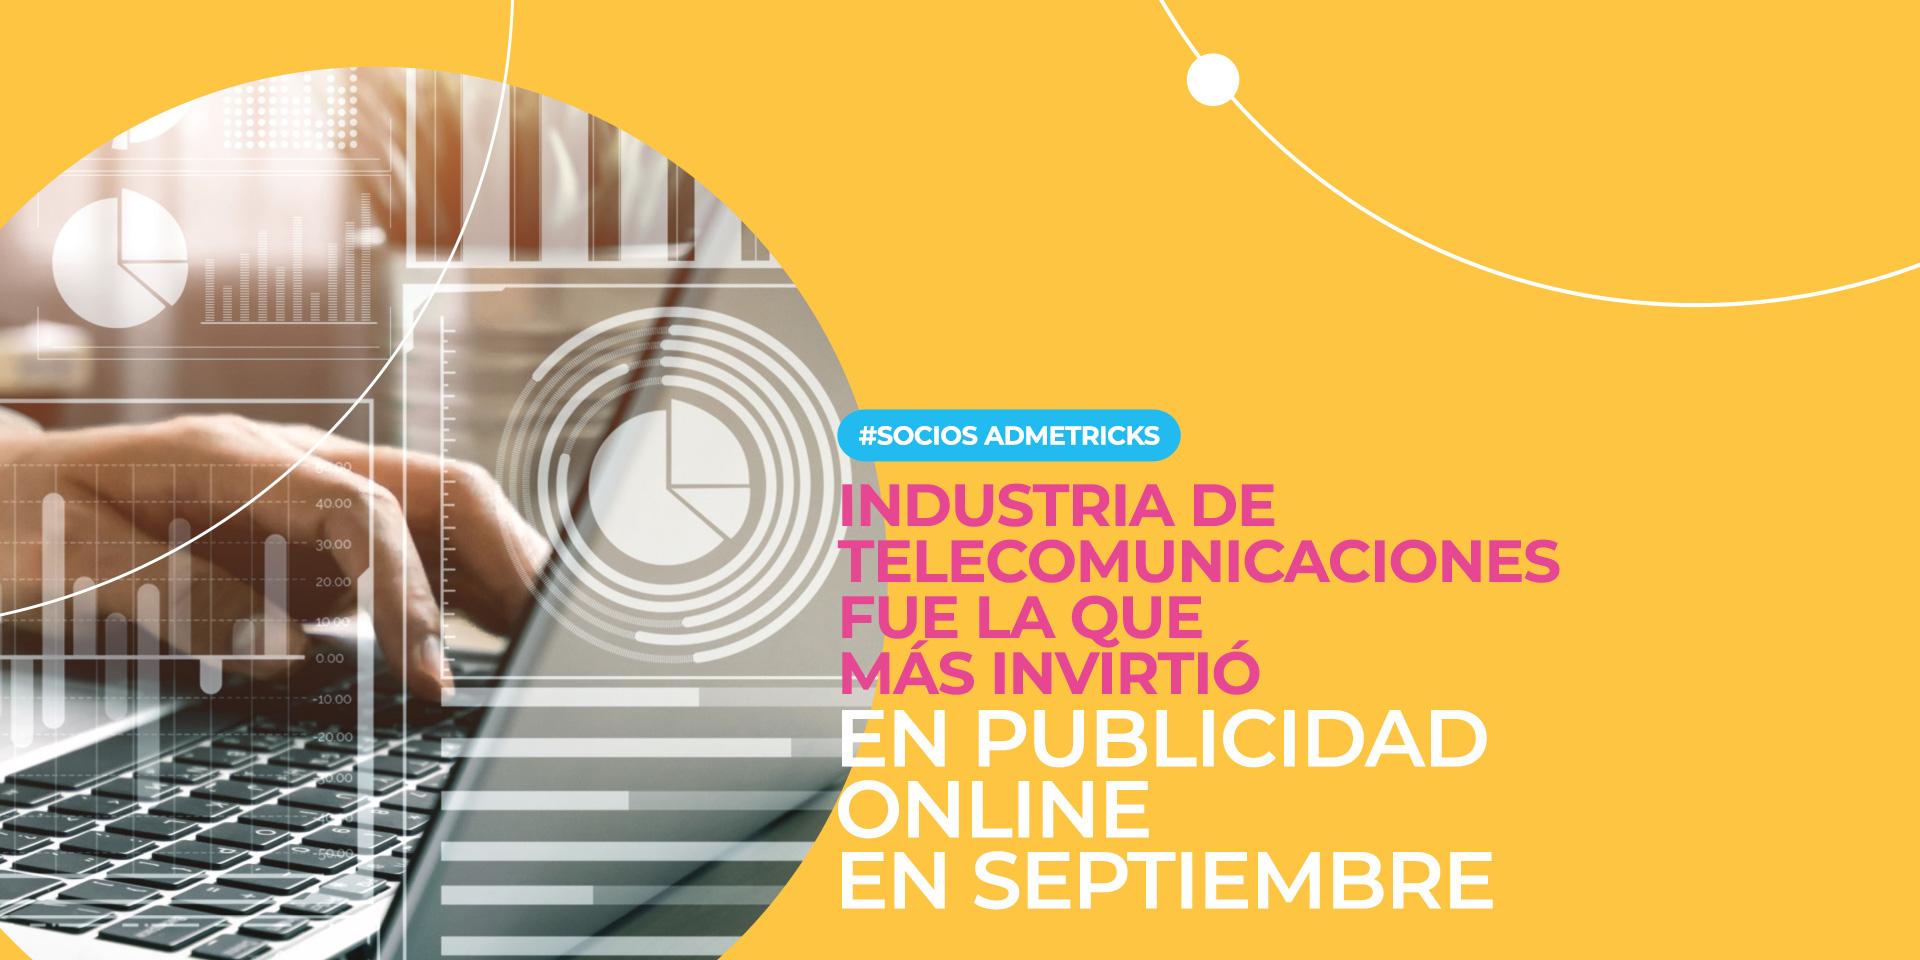 Admetricks_reporte inversion publicitaria online septiembre